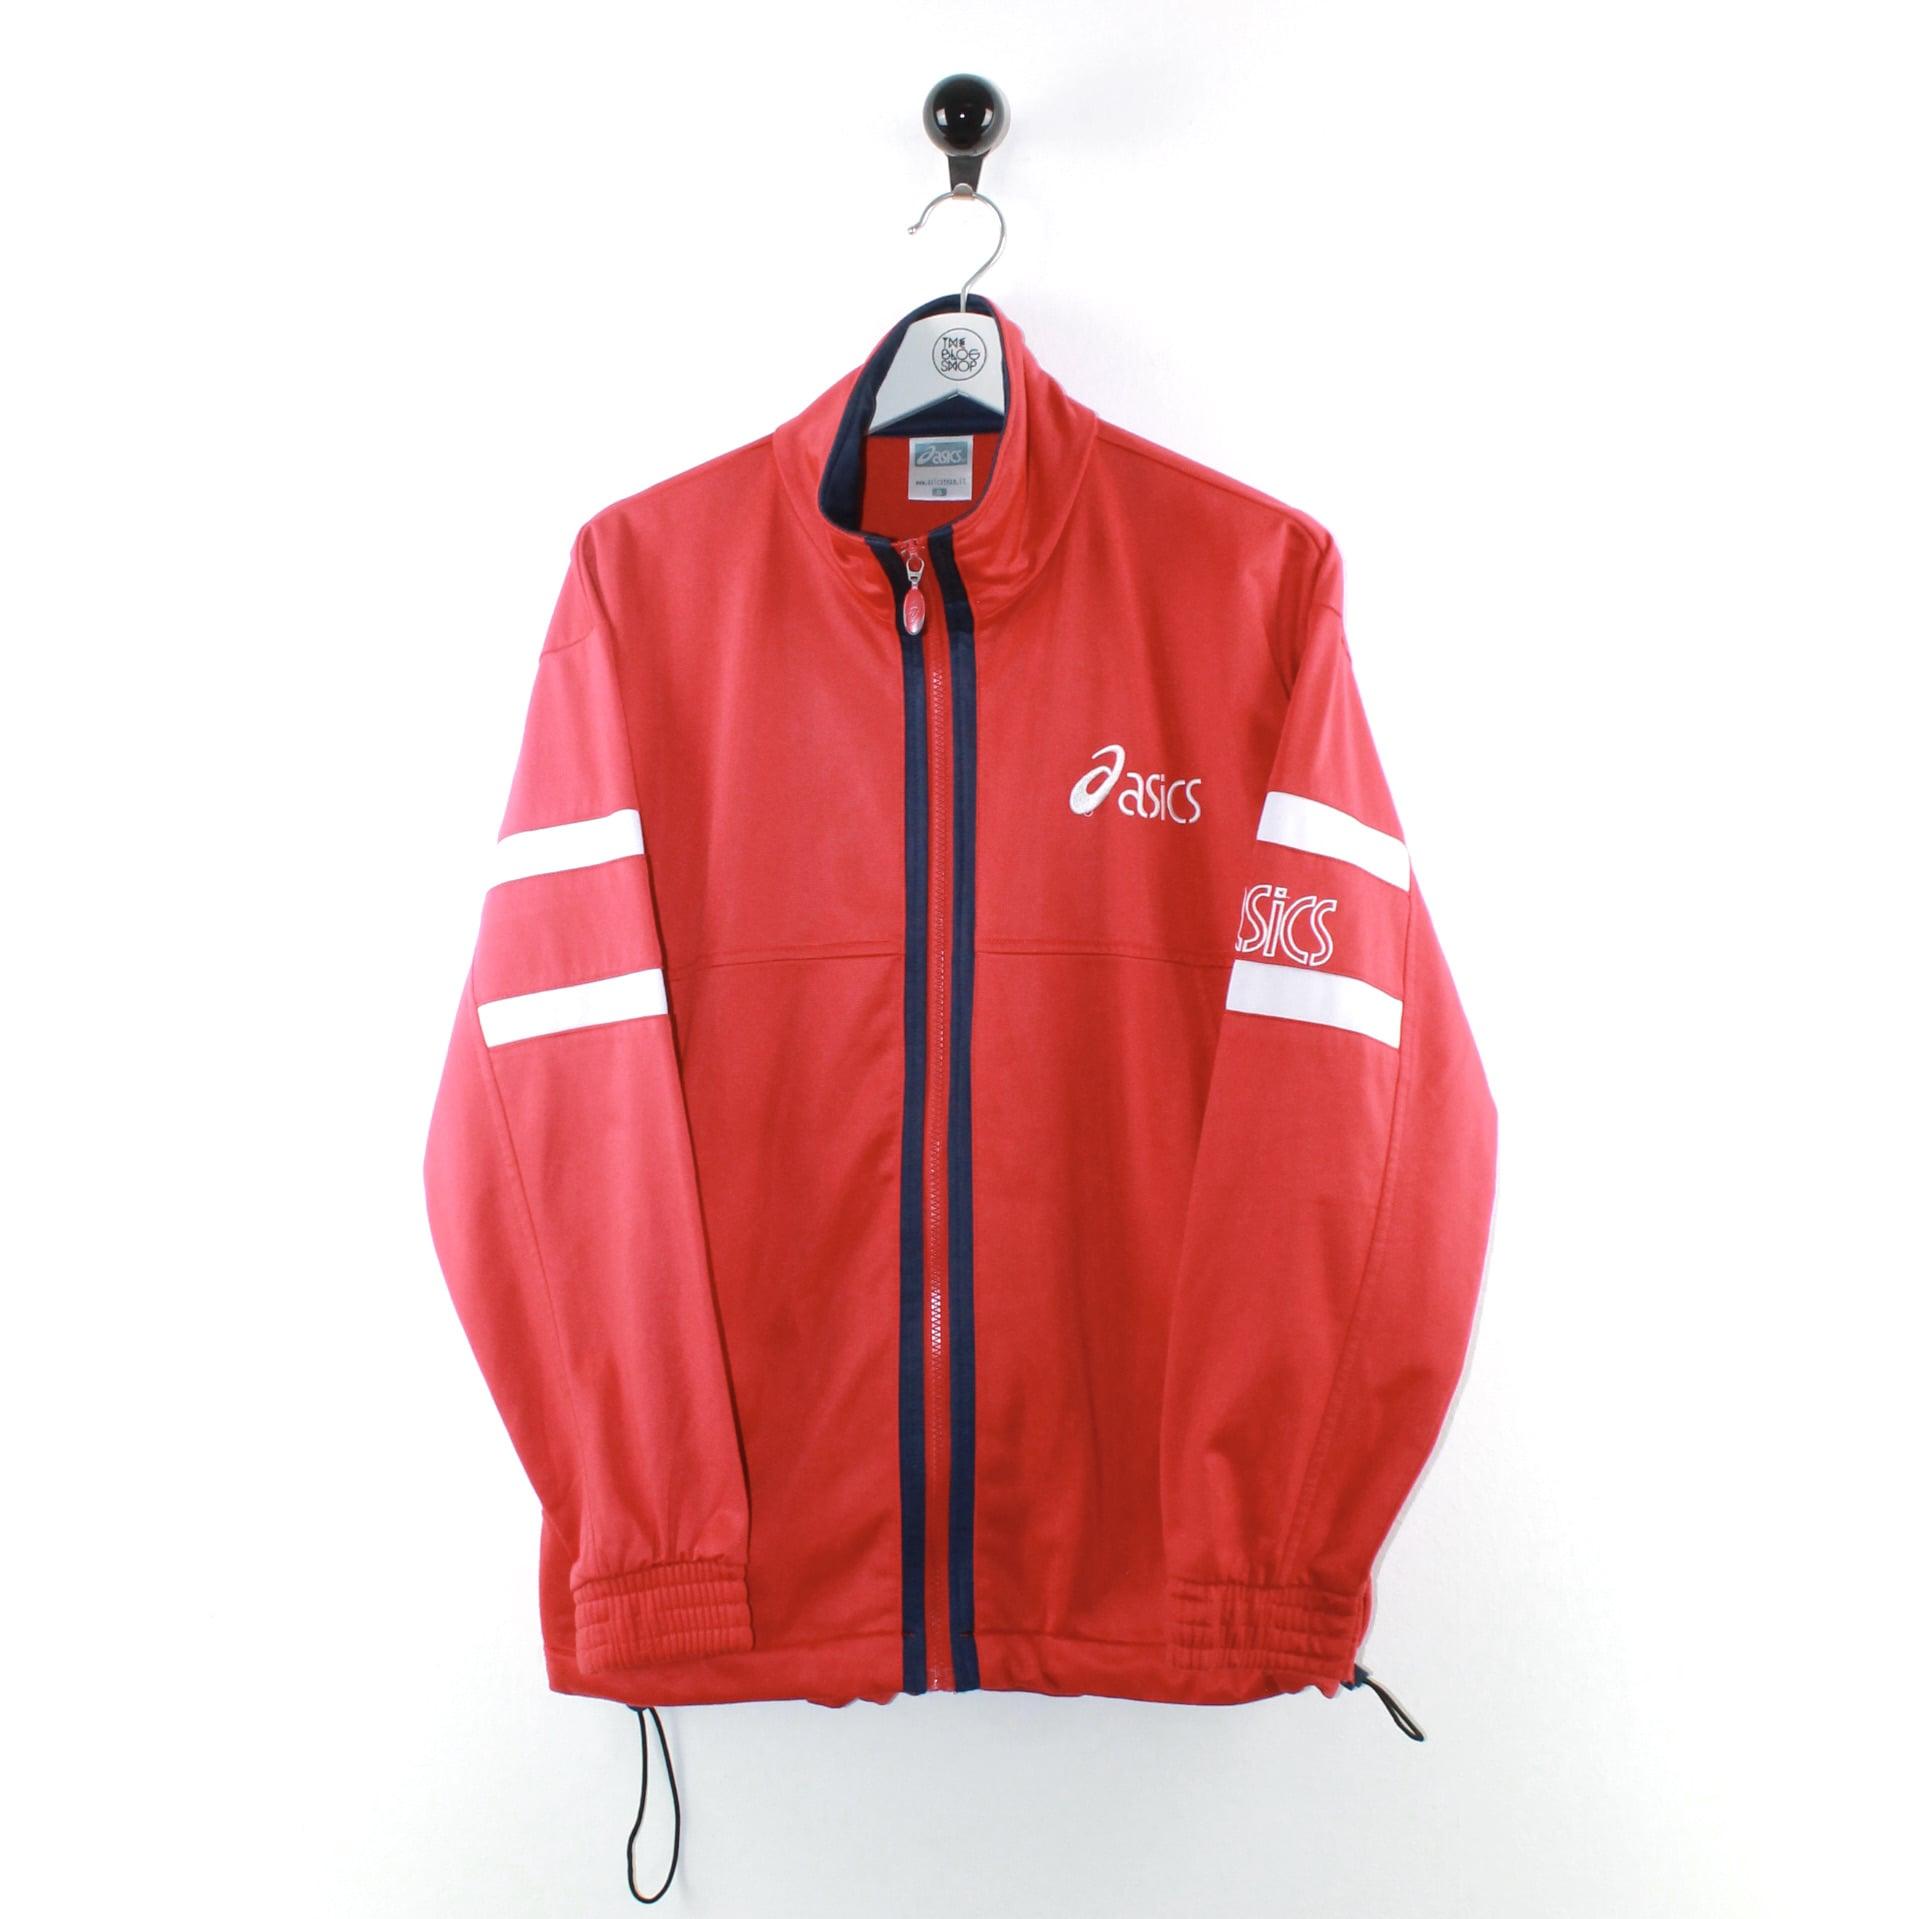 Asics - Track jacket